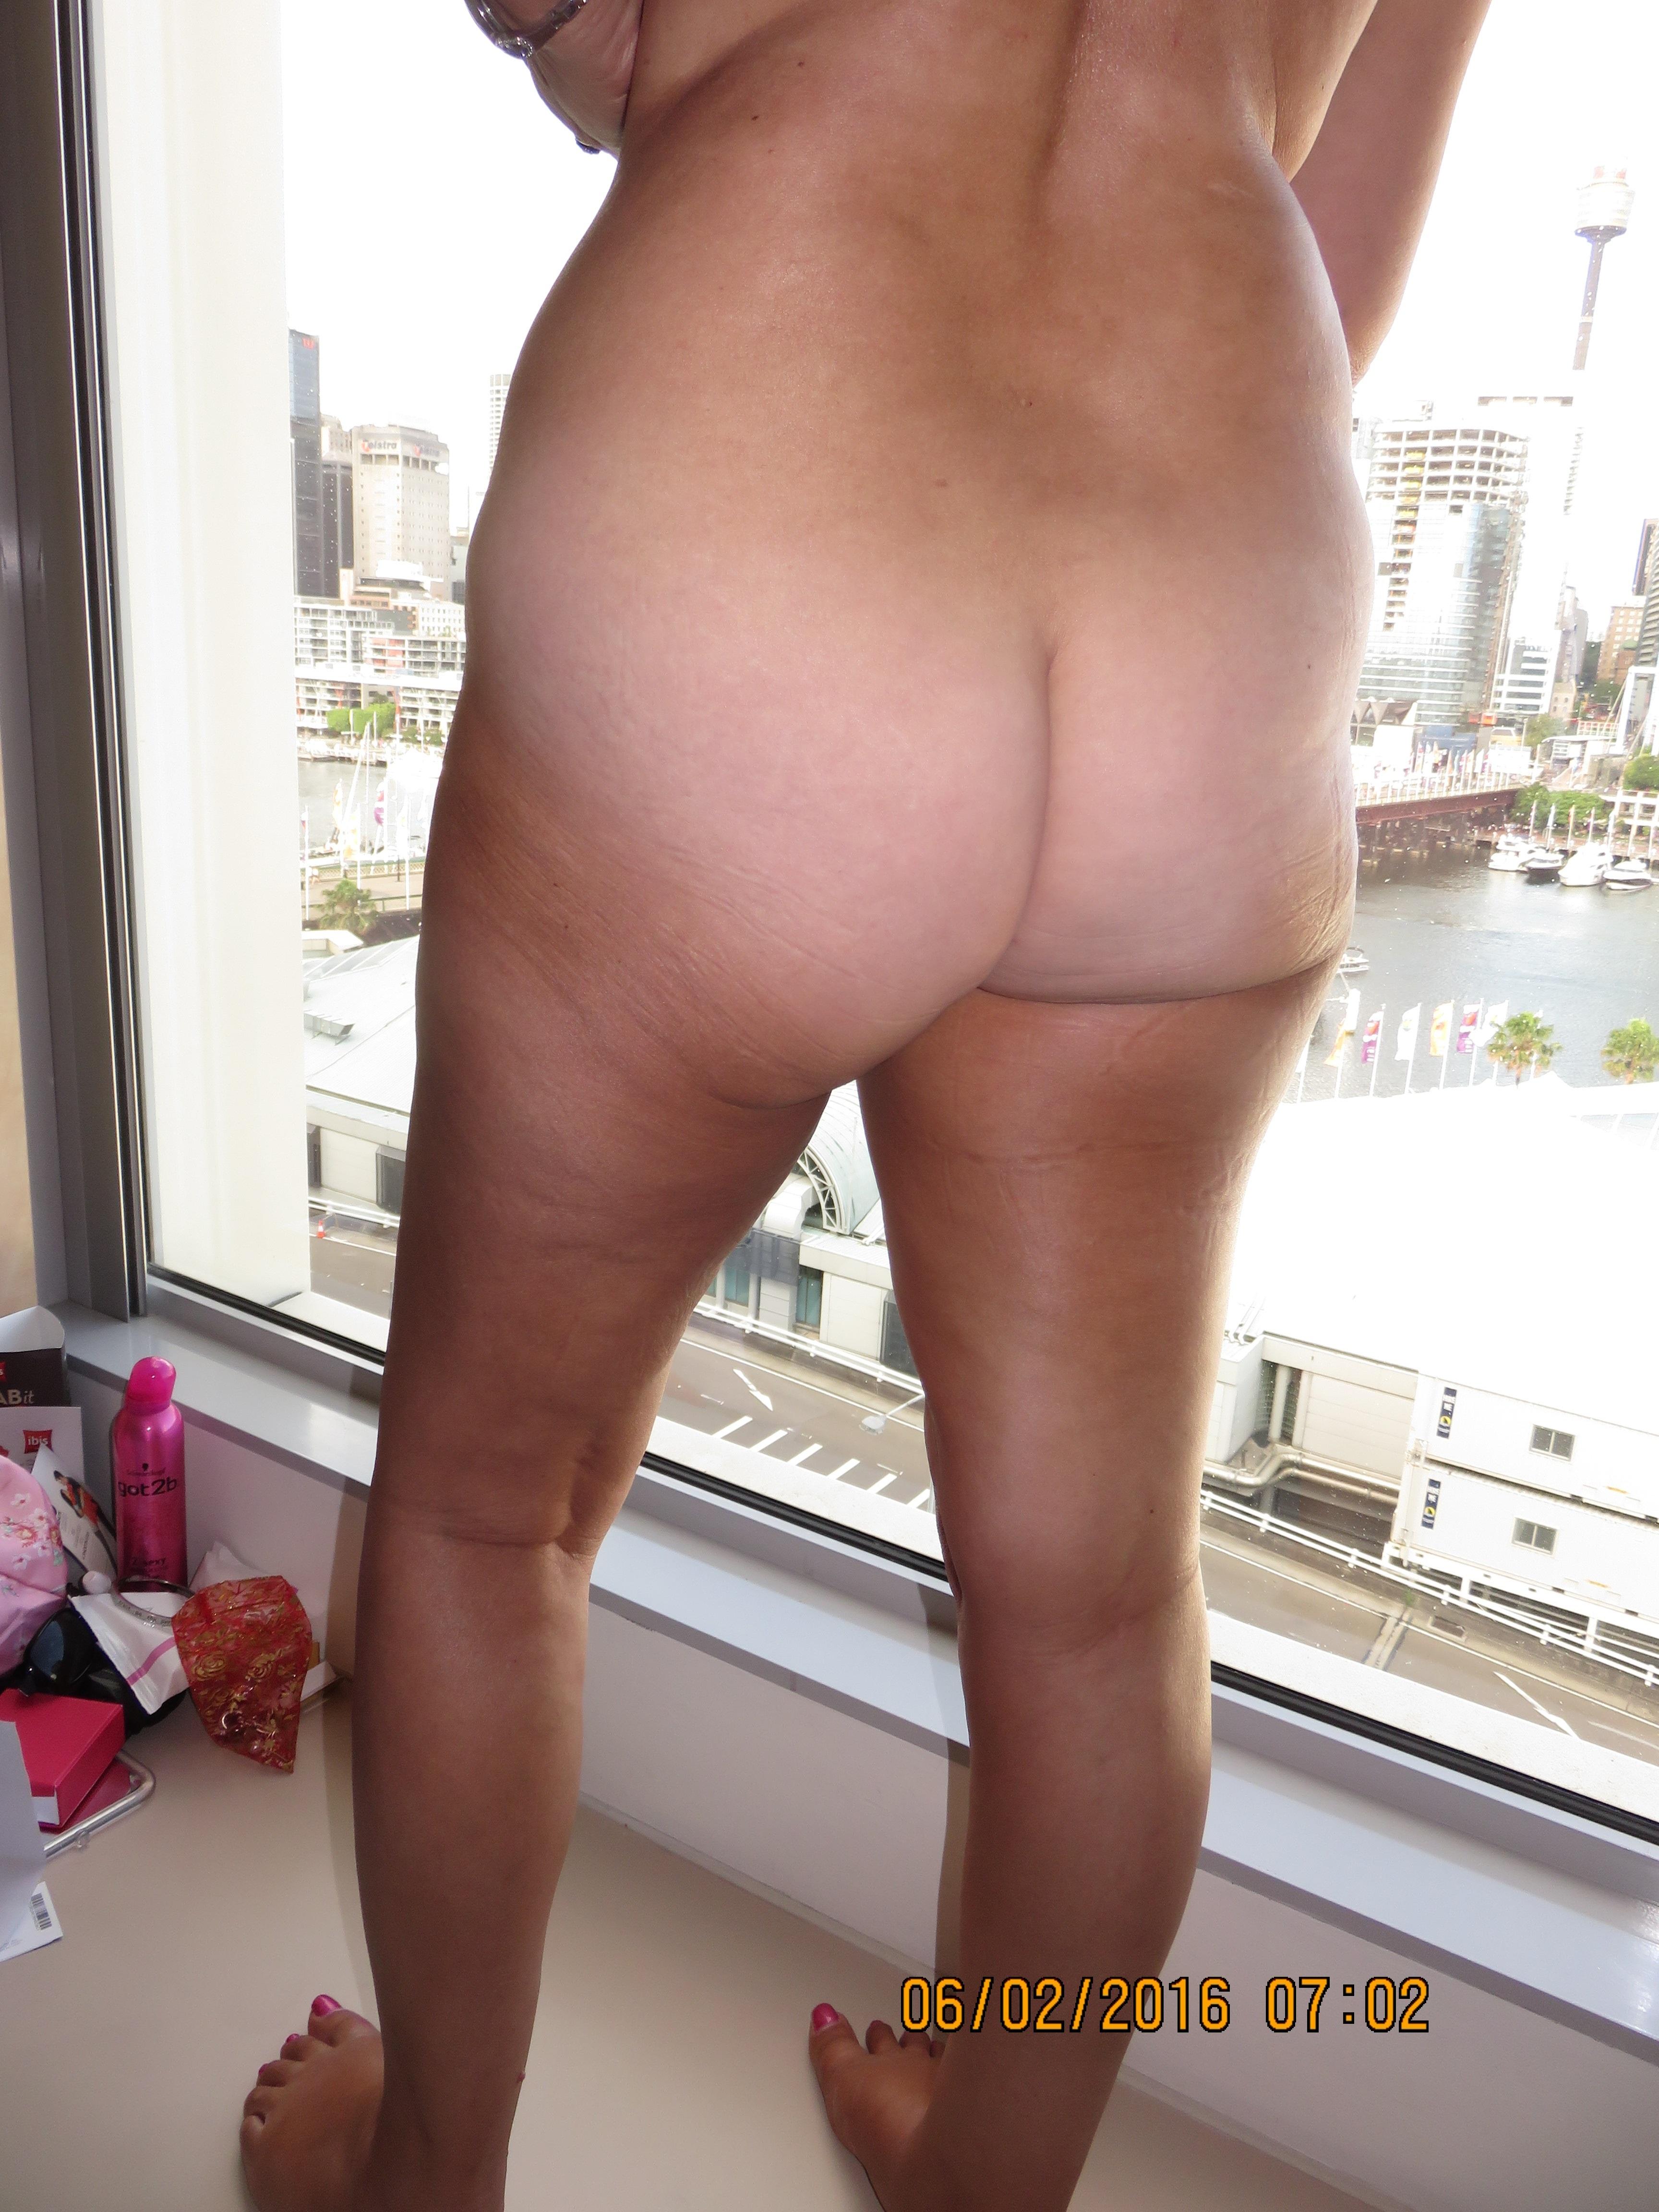 Window anal